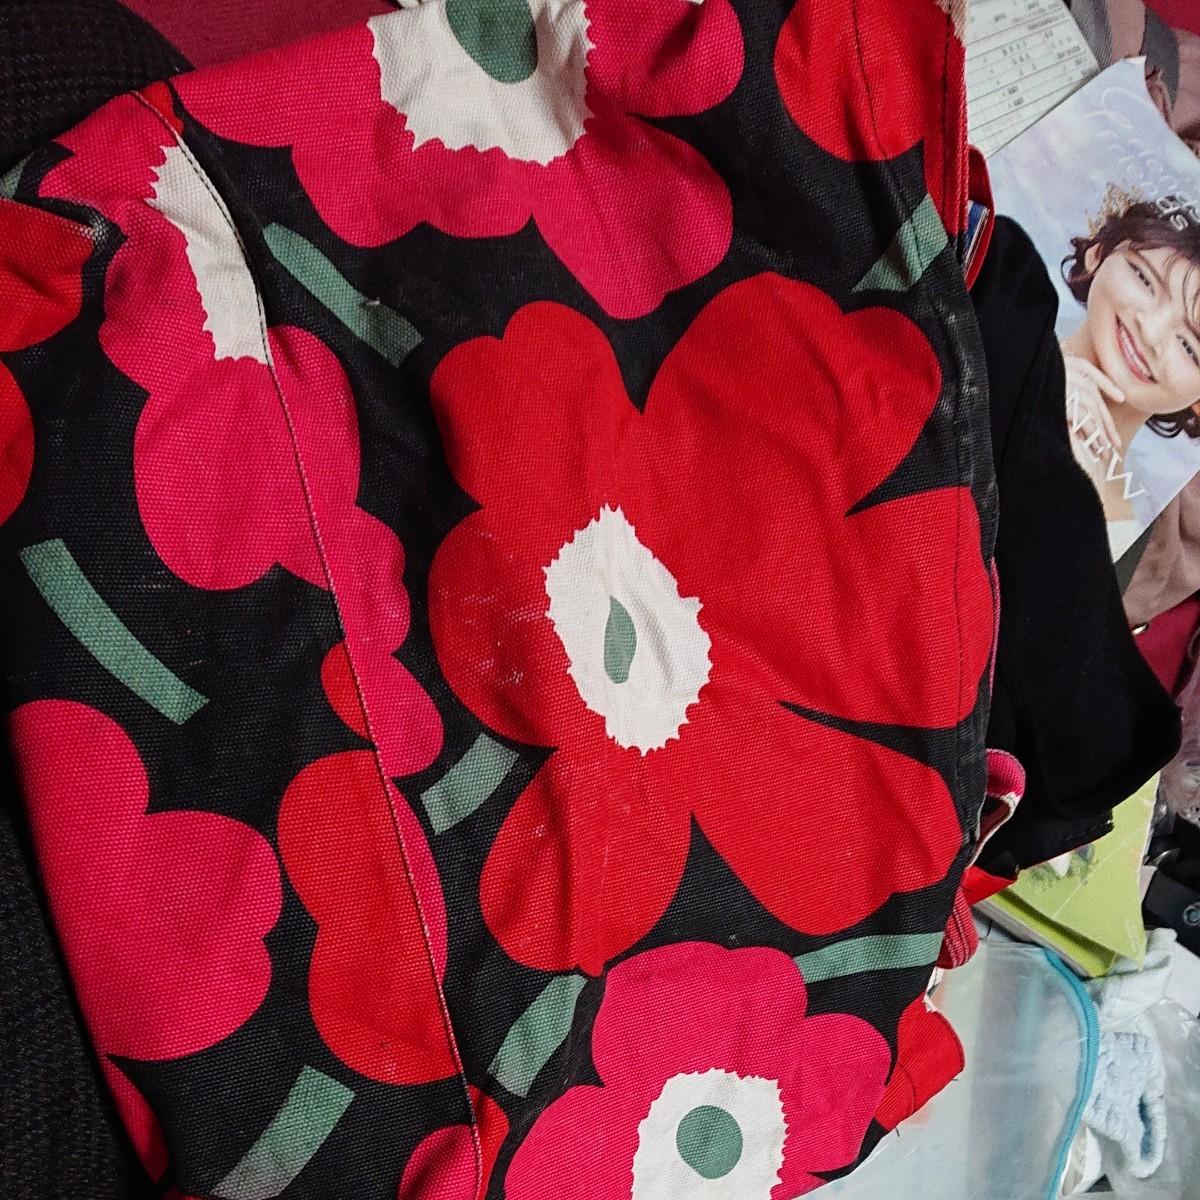 ★HKF 花柄トートバッグ★バッグ トート★ マザーバッグ エコバッグ★マリメッコ好きも必見!